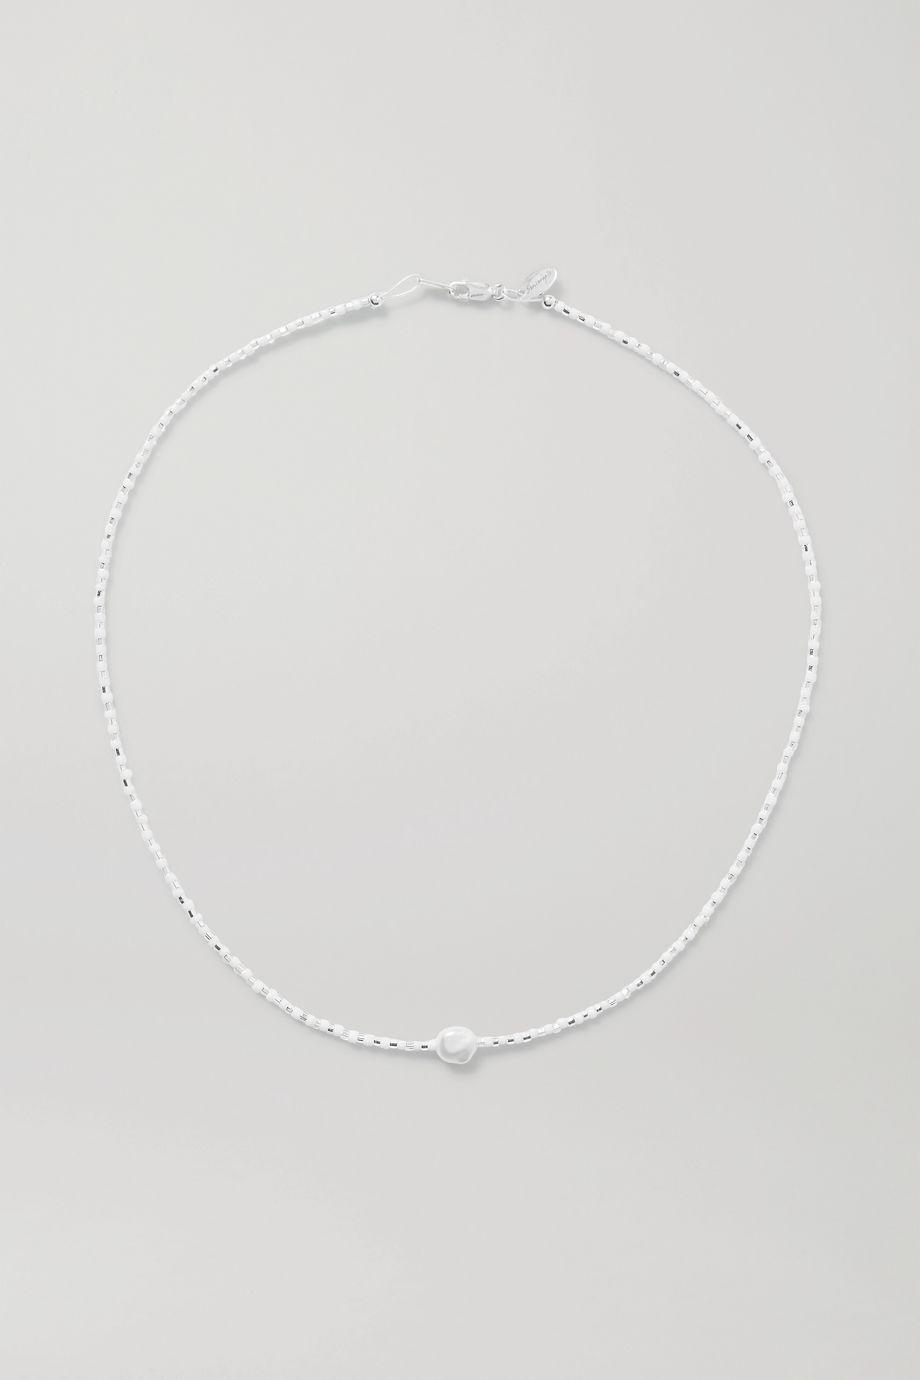 Santangelo Somos Como Niños Kette mit Perle, Glasperlen und Details aus Silber